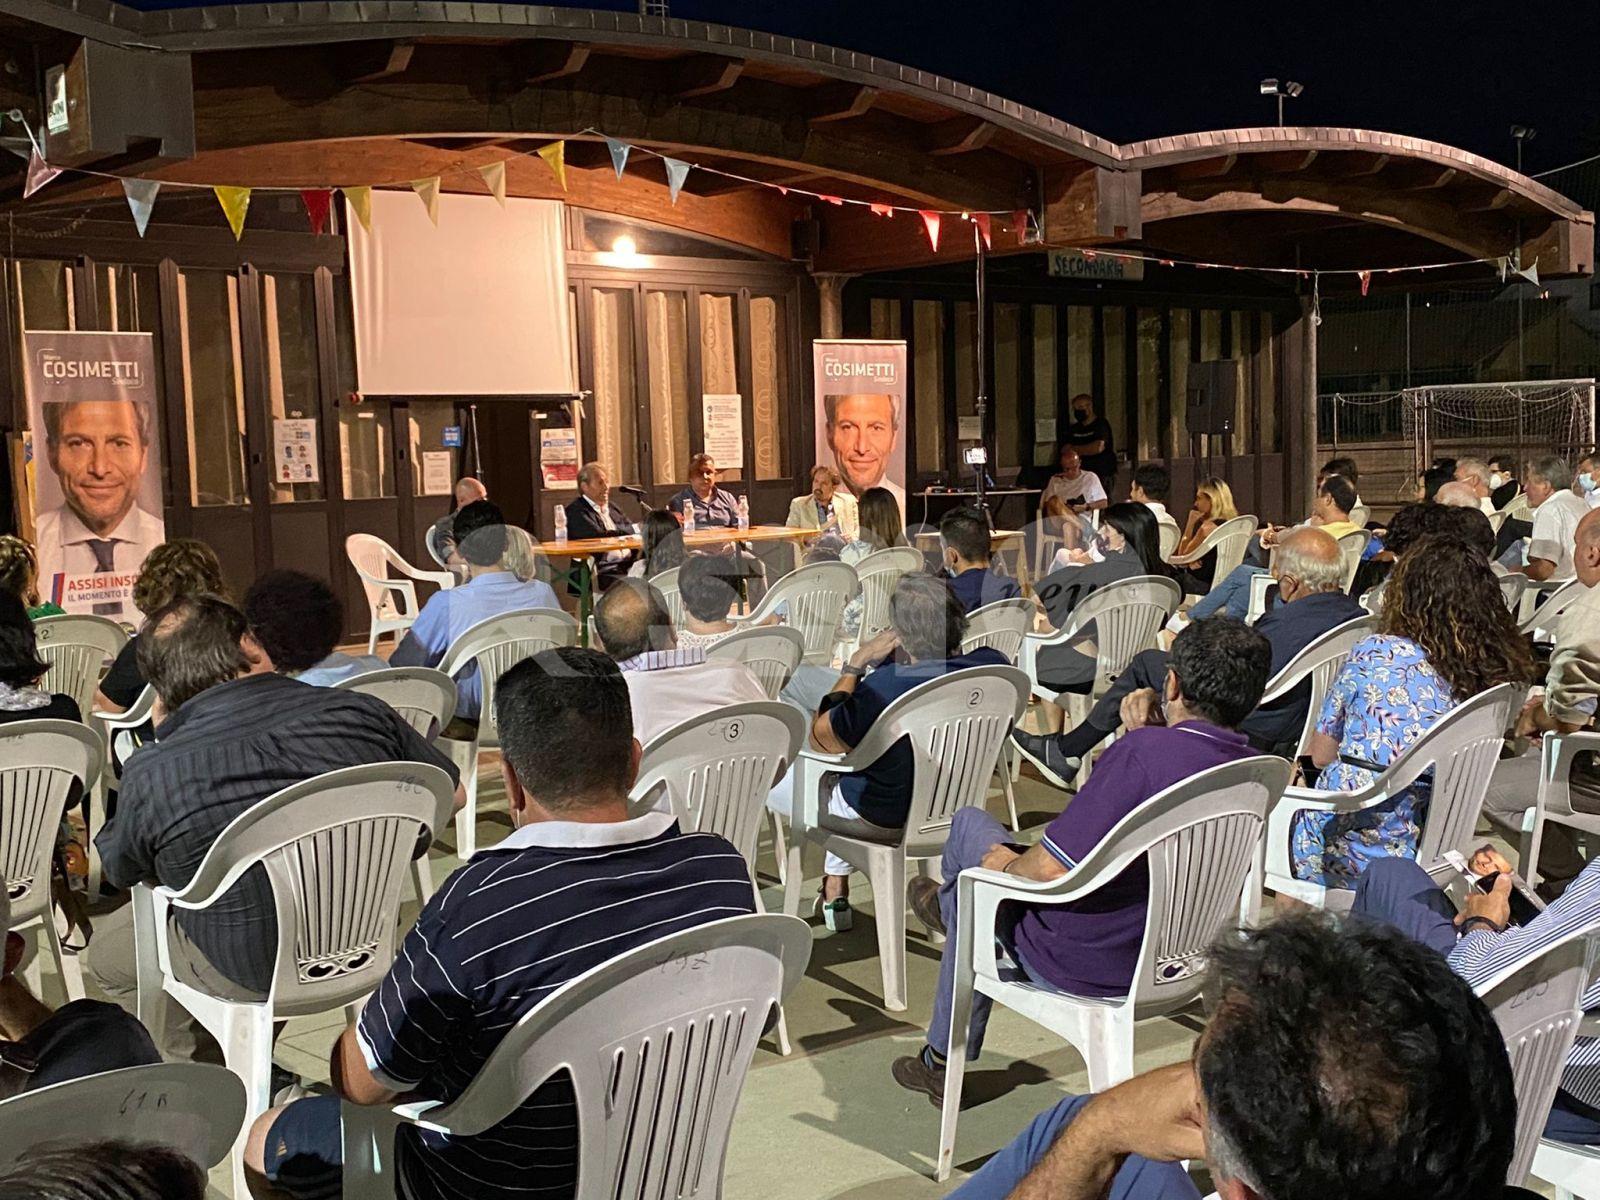 Marco Cosimetti, incontro con i cittadini di Rivotorto e Pro loco Santa Maria